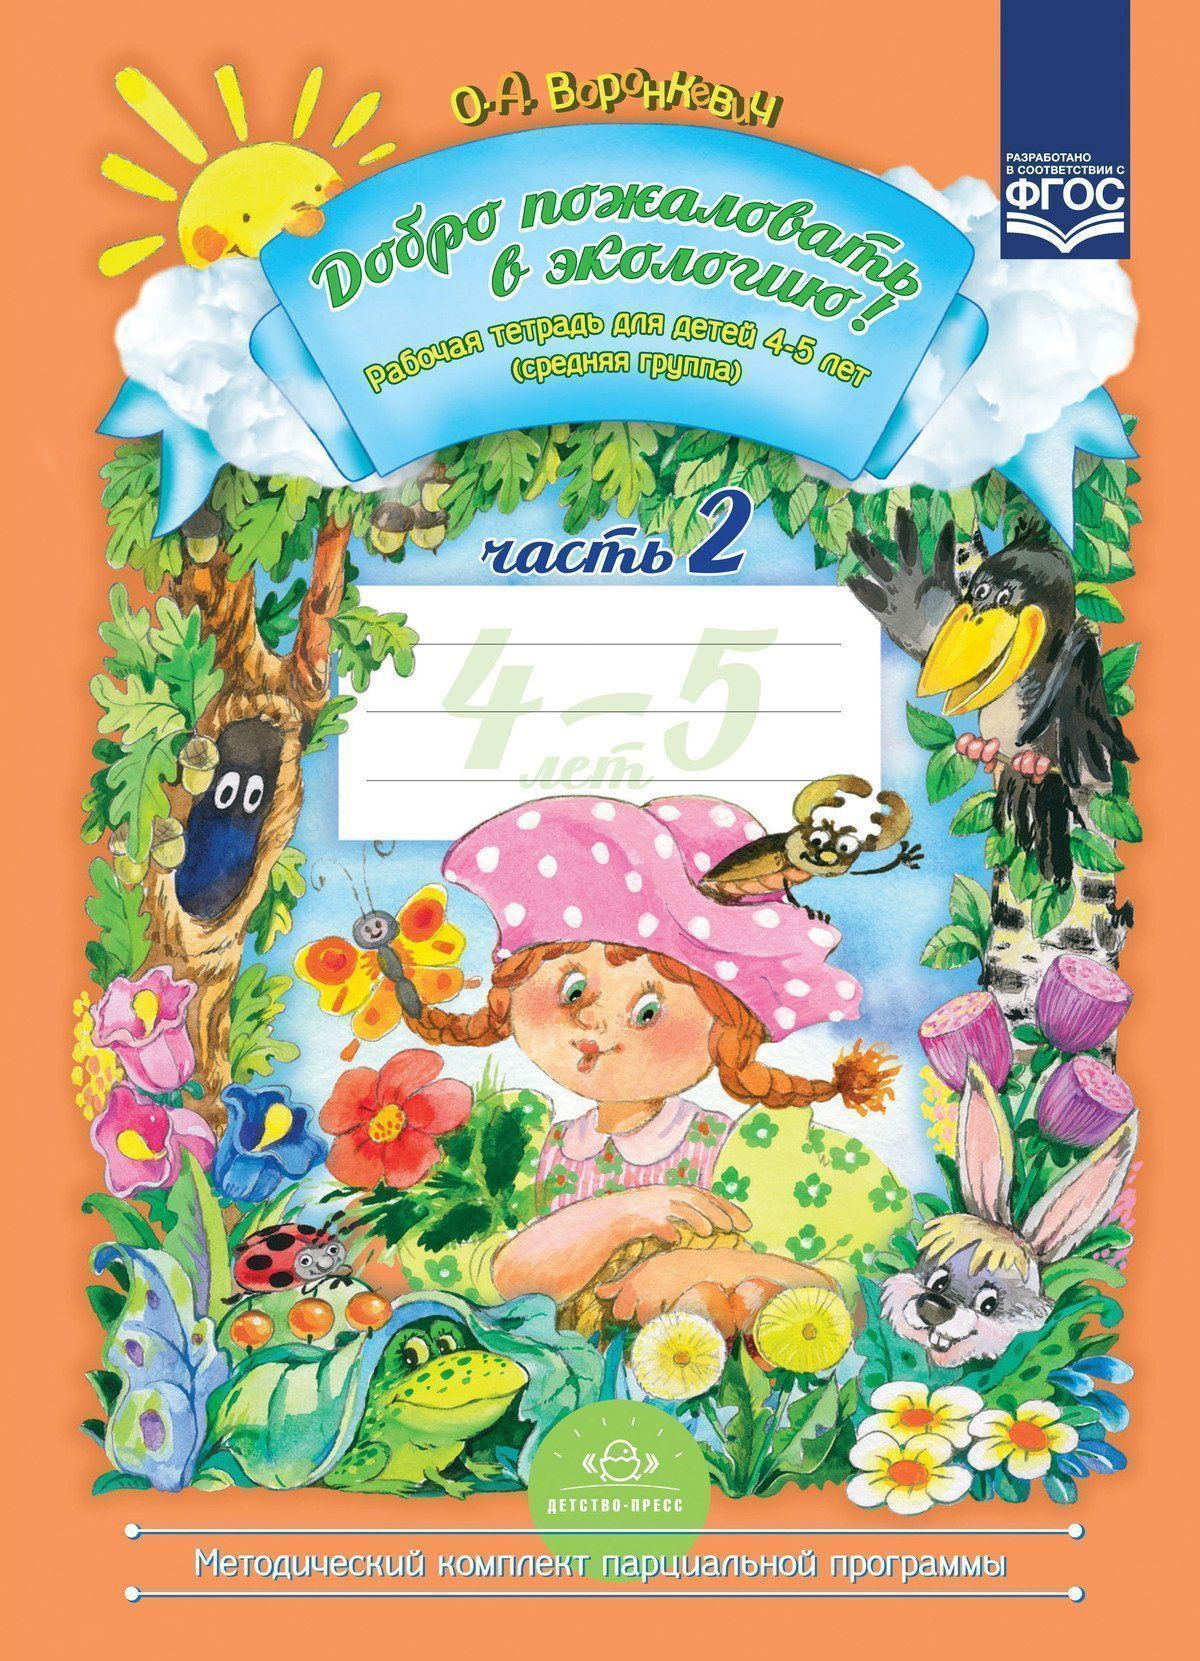 Добро пожаловать в экологию! Рабочая тетрадь для детей 4-5 лет 2-х частях. Средняя группа. Часть 2 (Библиотека программы Детство)